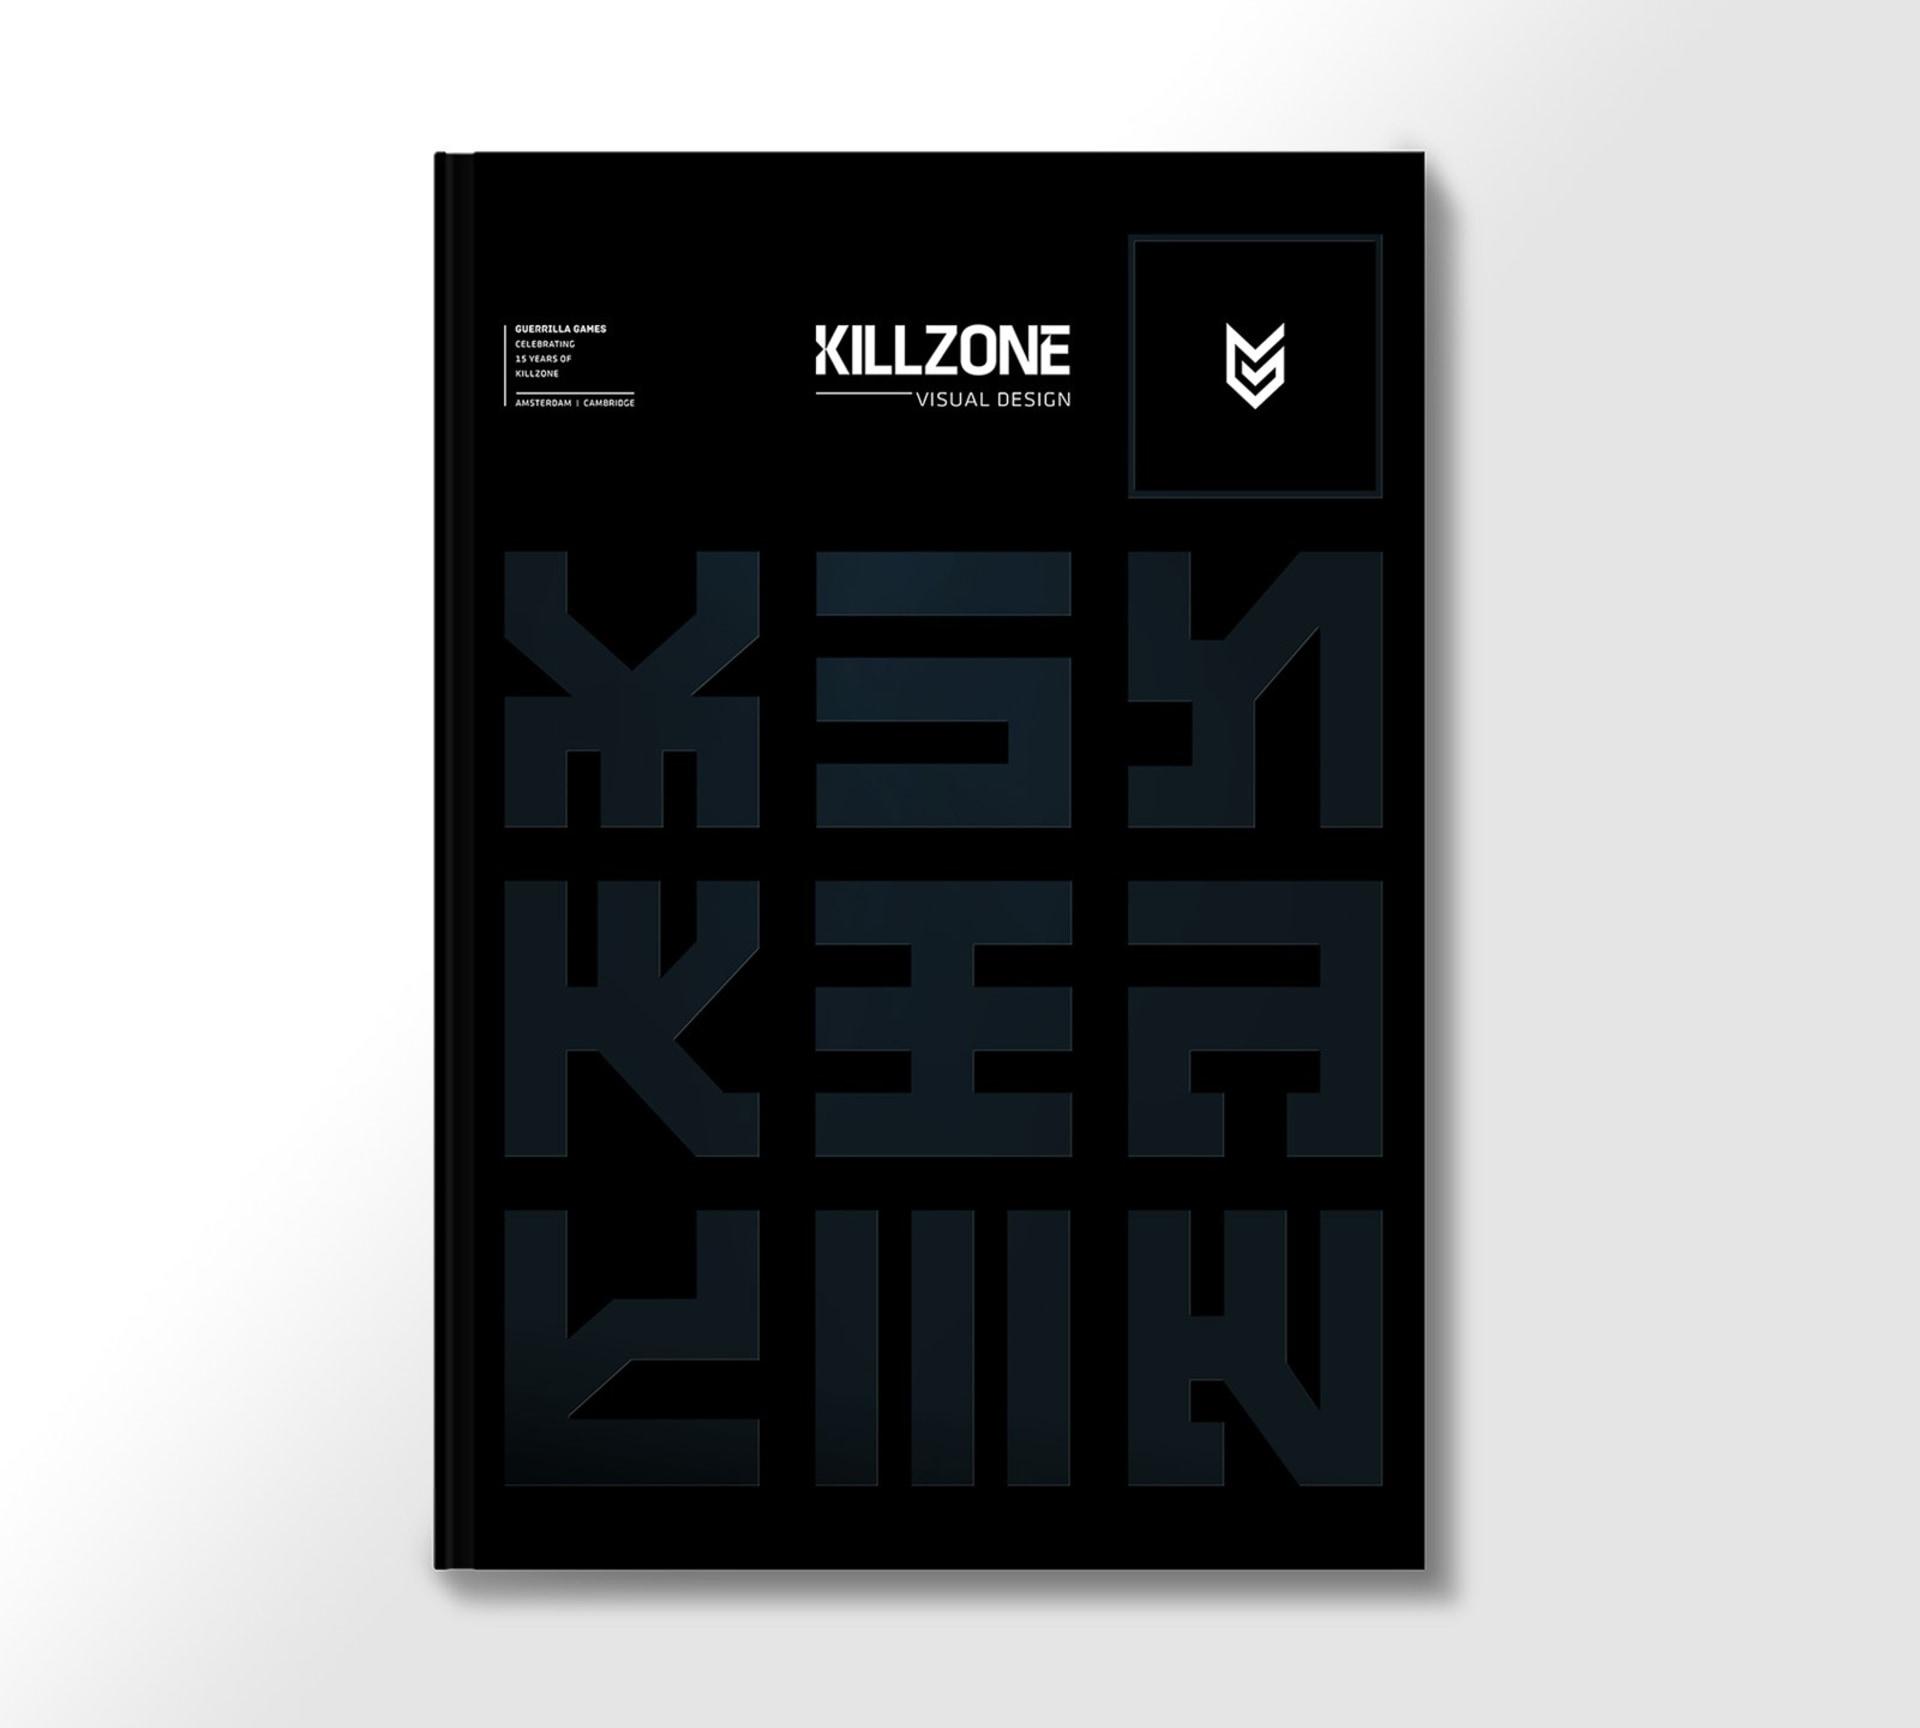 Artwork Killzone Visual Design Killzone Guerrilla